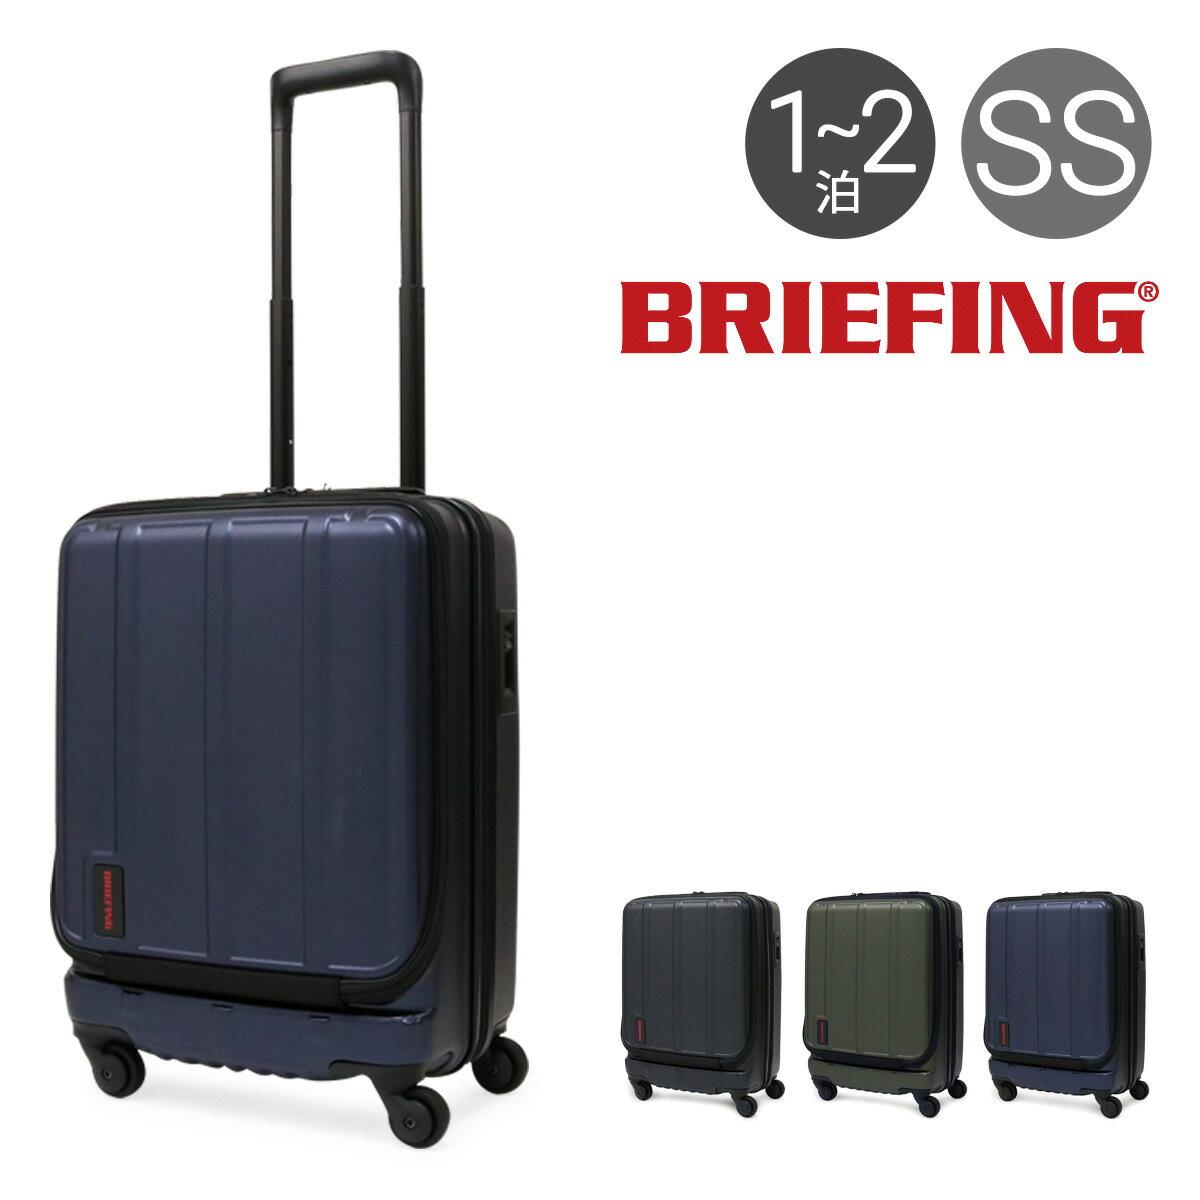 ブリーフィング スーツケース BRF524219 53cm H-34F 【 フロントポケット フロントオープン キャリーケース ハードキャリー ビジネスキャリー ストッパー搭載 TSAロック搭載 】【即日発送】